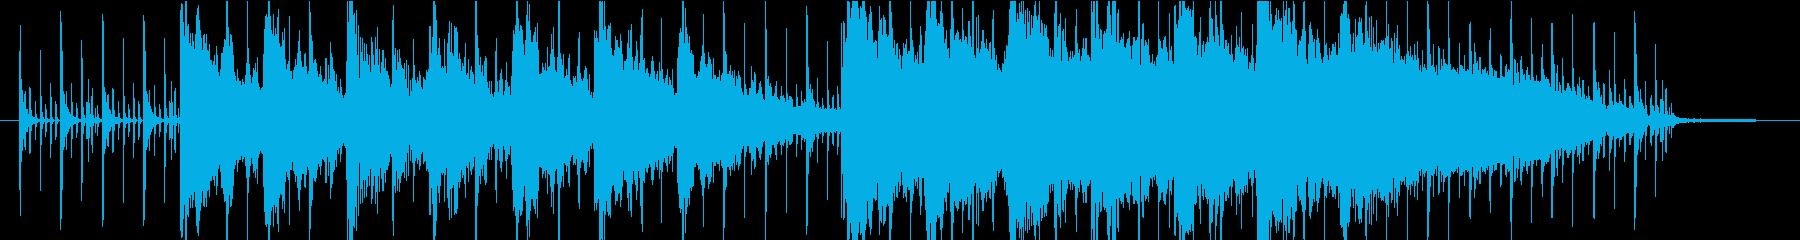 エディット、メニュー画面にアンビエントの再生済みの波形